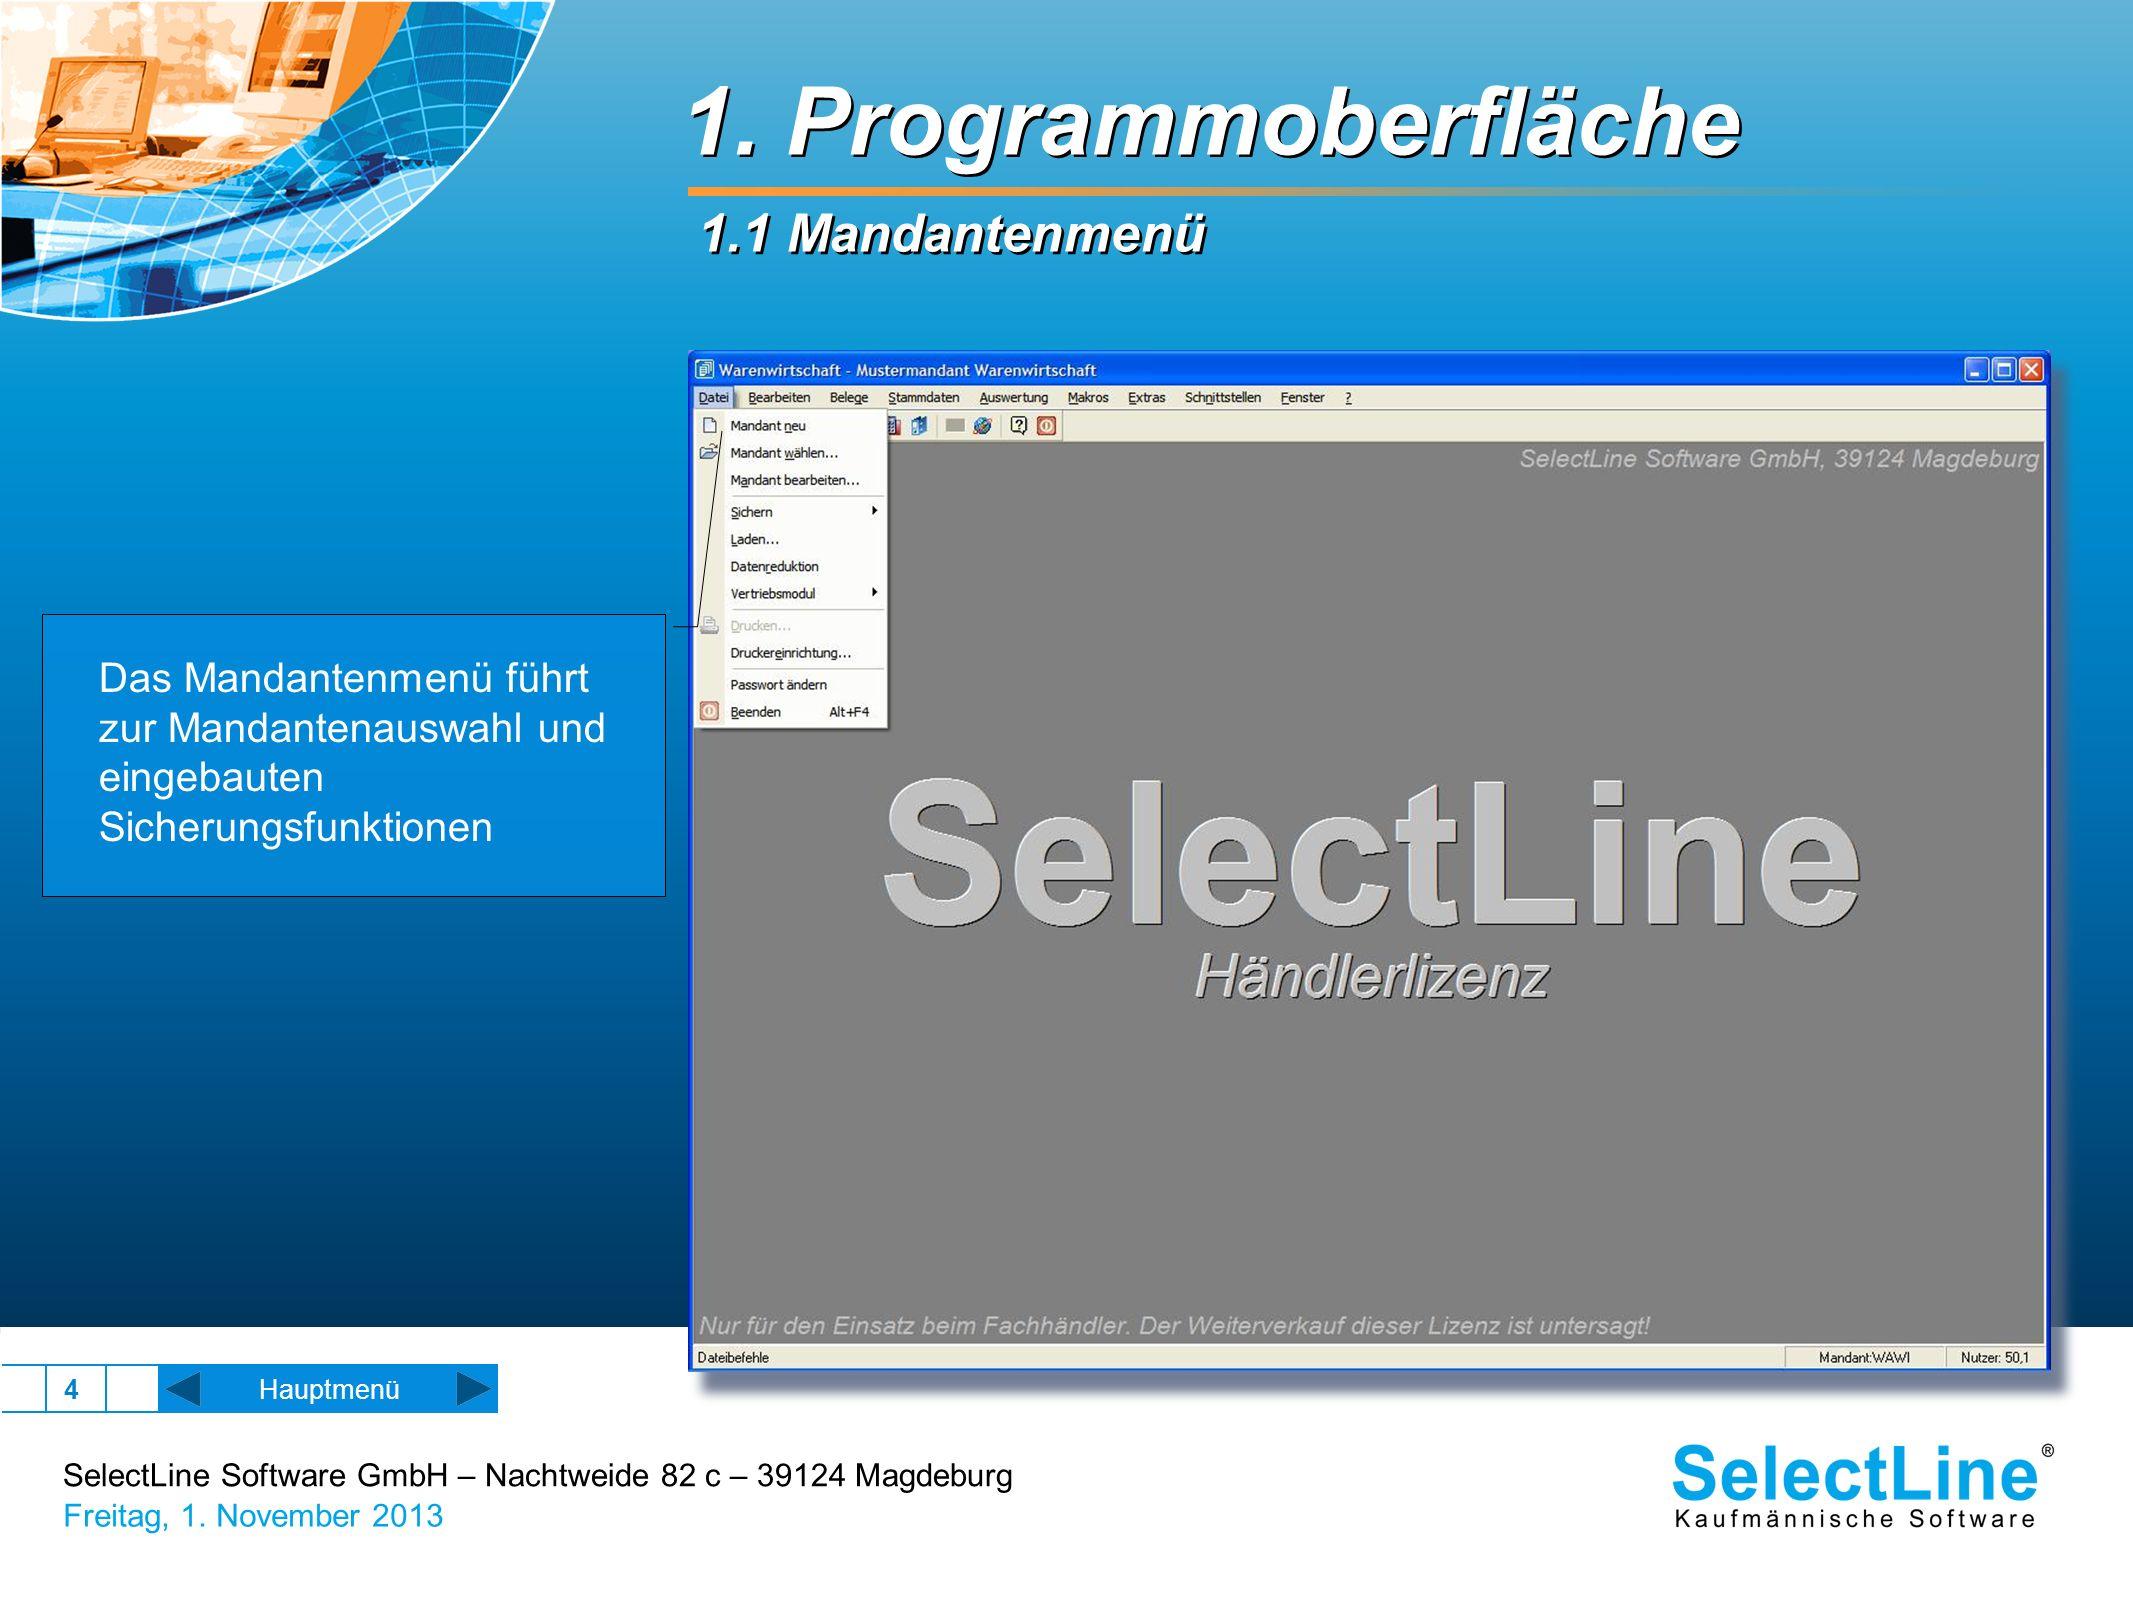 SelectLine Software GmbH – Nachtweide 82 c – 39124 Magdeburg Freitag, 1. November 2013 4 Das Mandantenmenü führt zur Mandantenauswahl und eingebauten